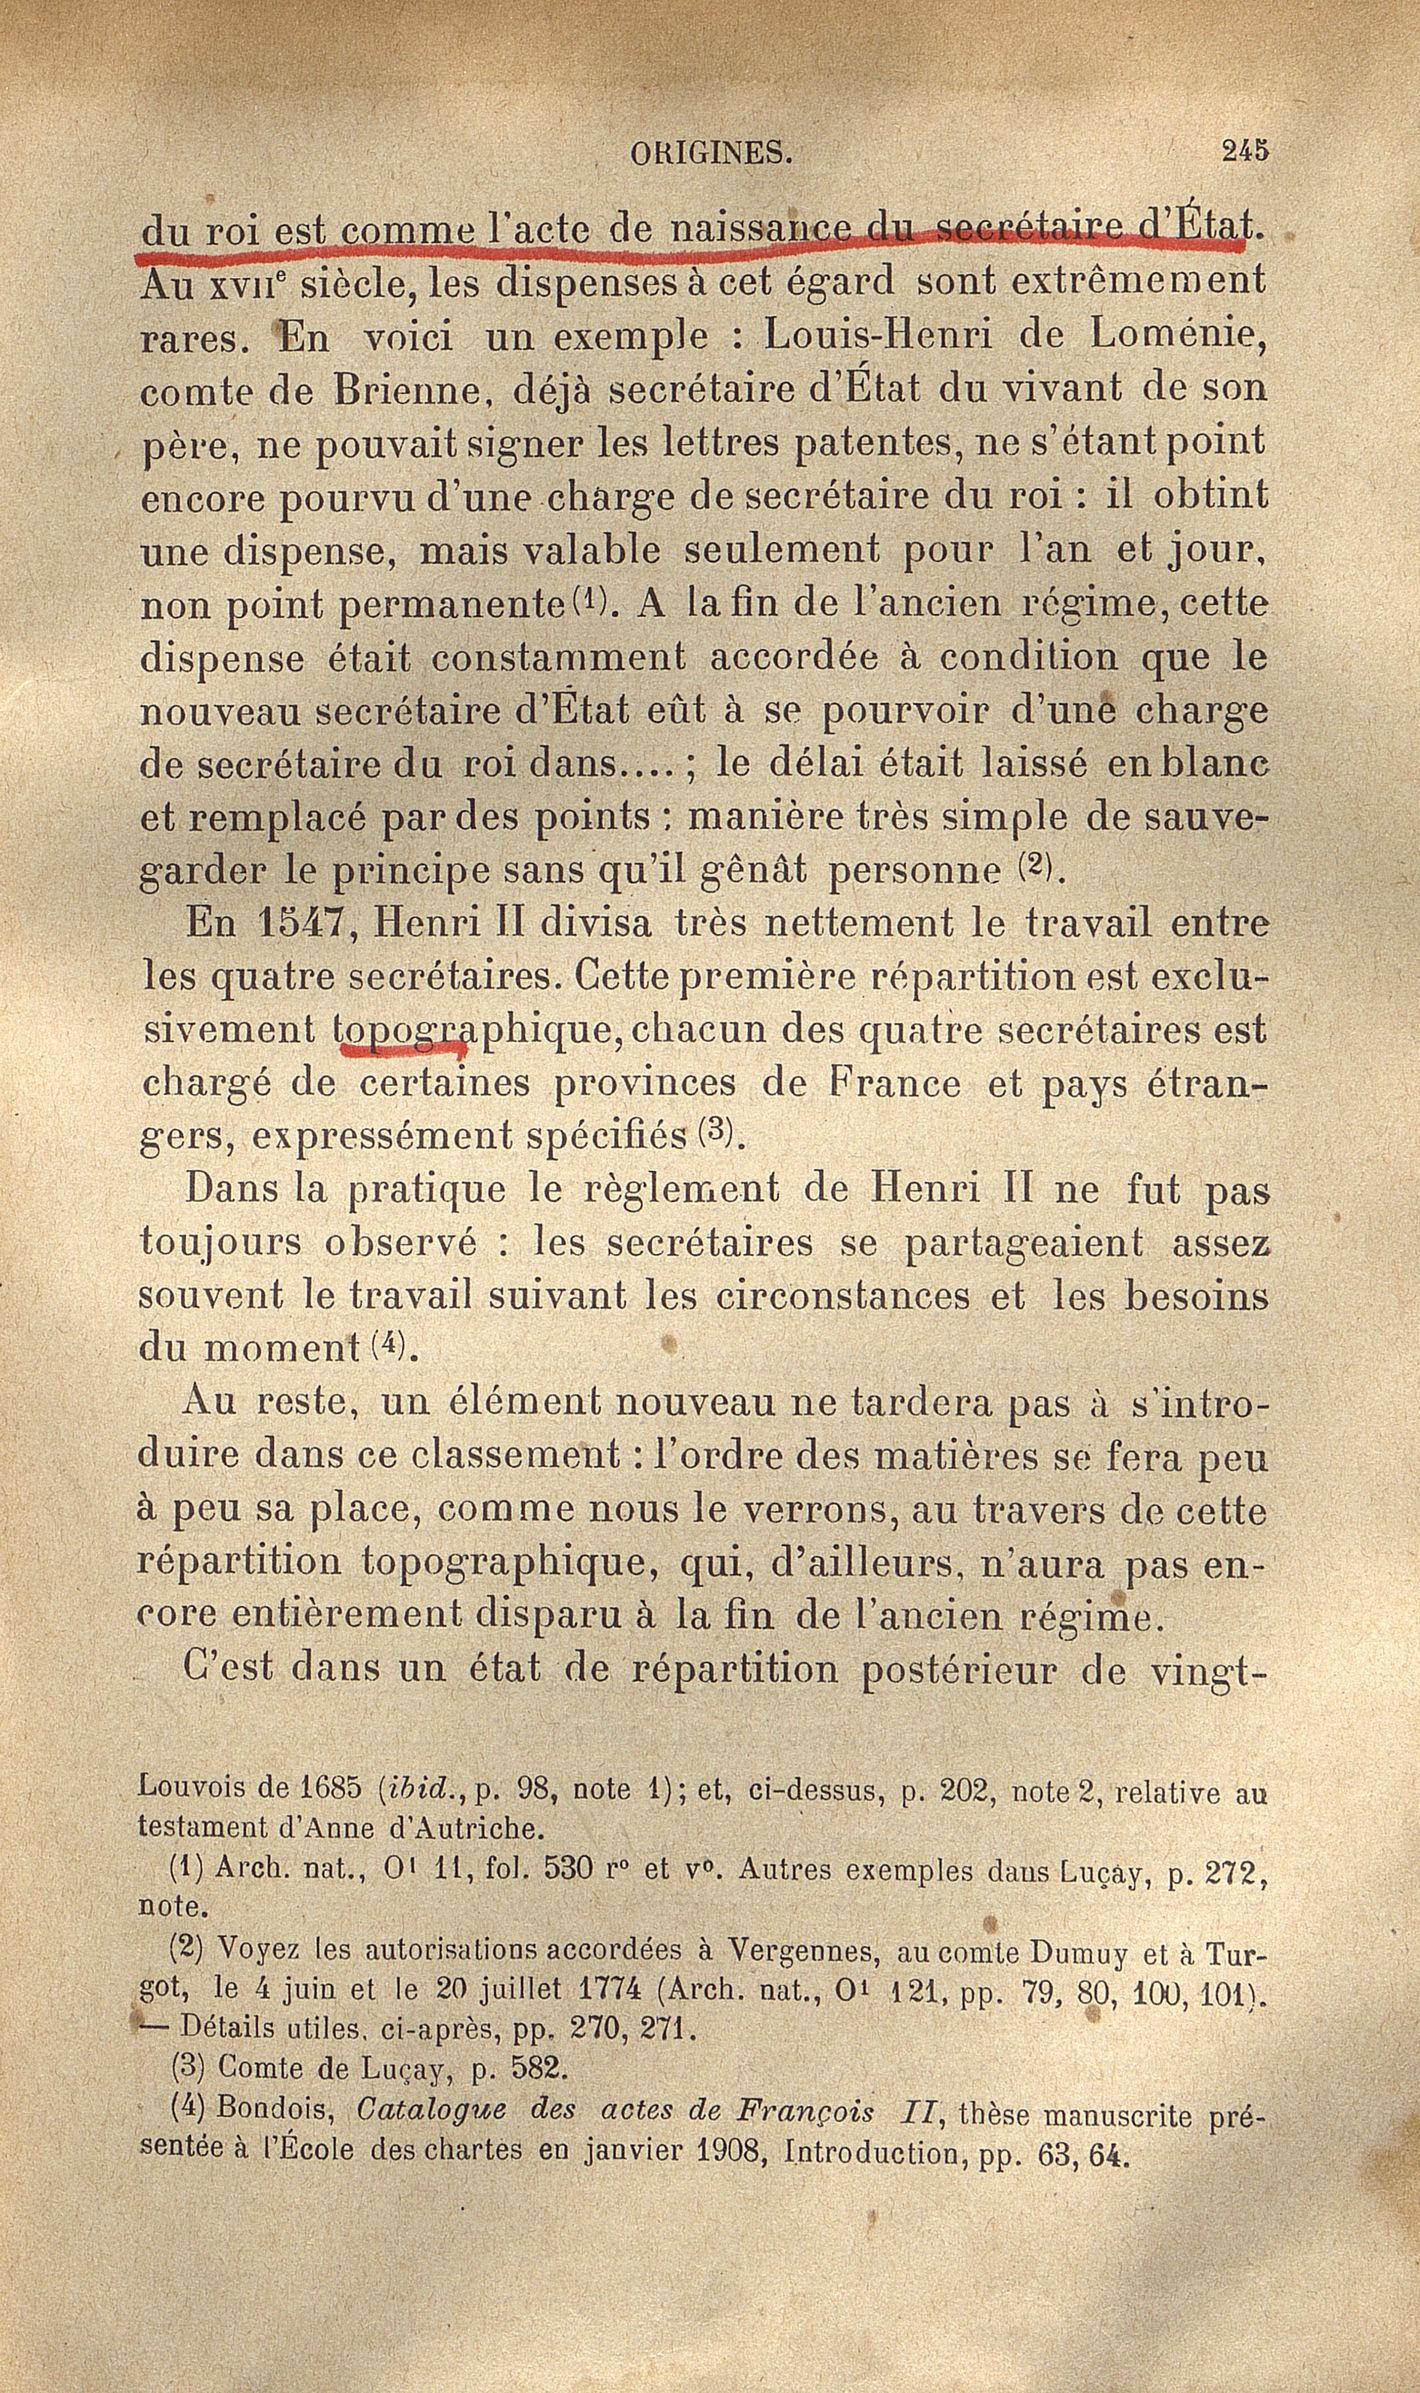 http://expo-paulviollet.univ-paris1.fr/wp-content/uploads/2016/02/0605381272_0259.jpg